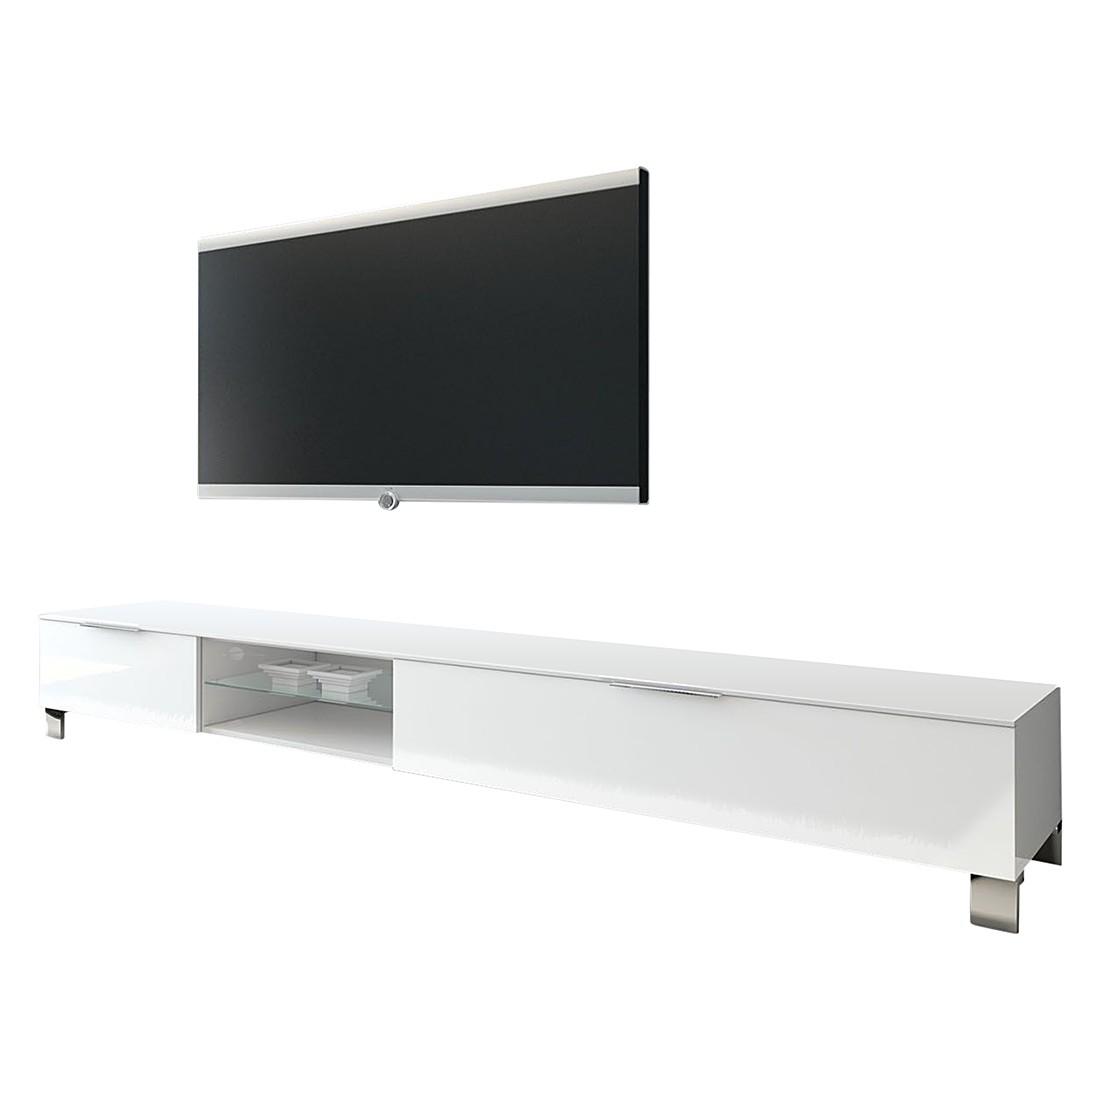 wohnwand line lc iii 4 teilig hochglanz wei eiche grau dekor lc mobili m bel preiswert. Black Bedroom Furniture Sets. Home Design Ideas